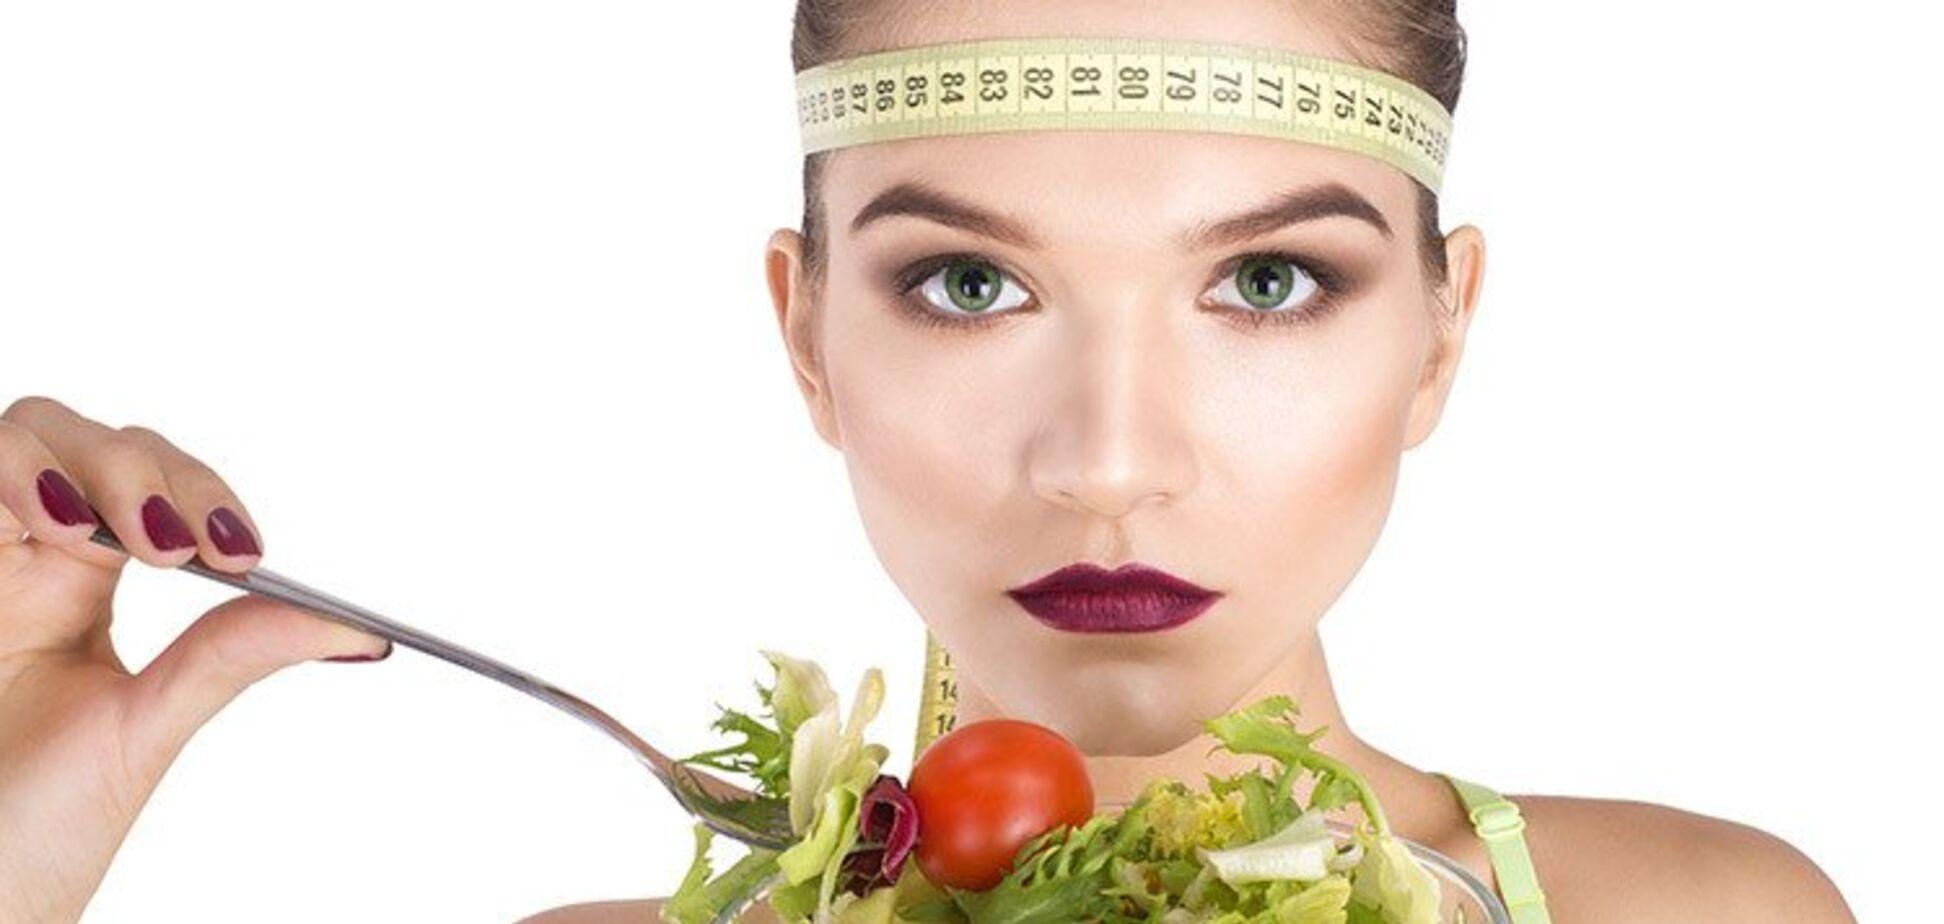 Їж і худни: експерти назвали найефективнішу дієту